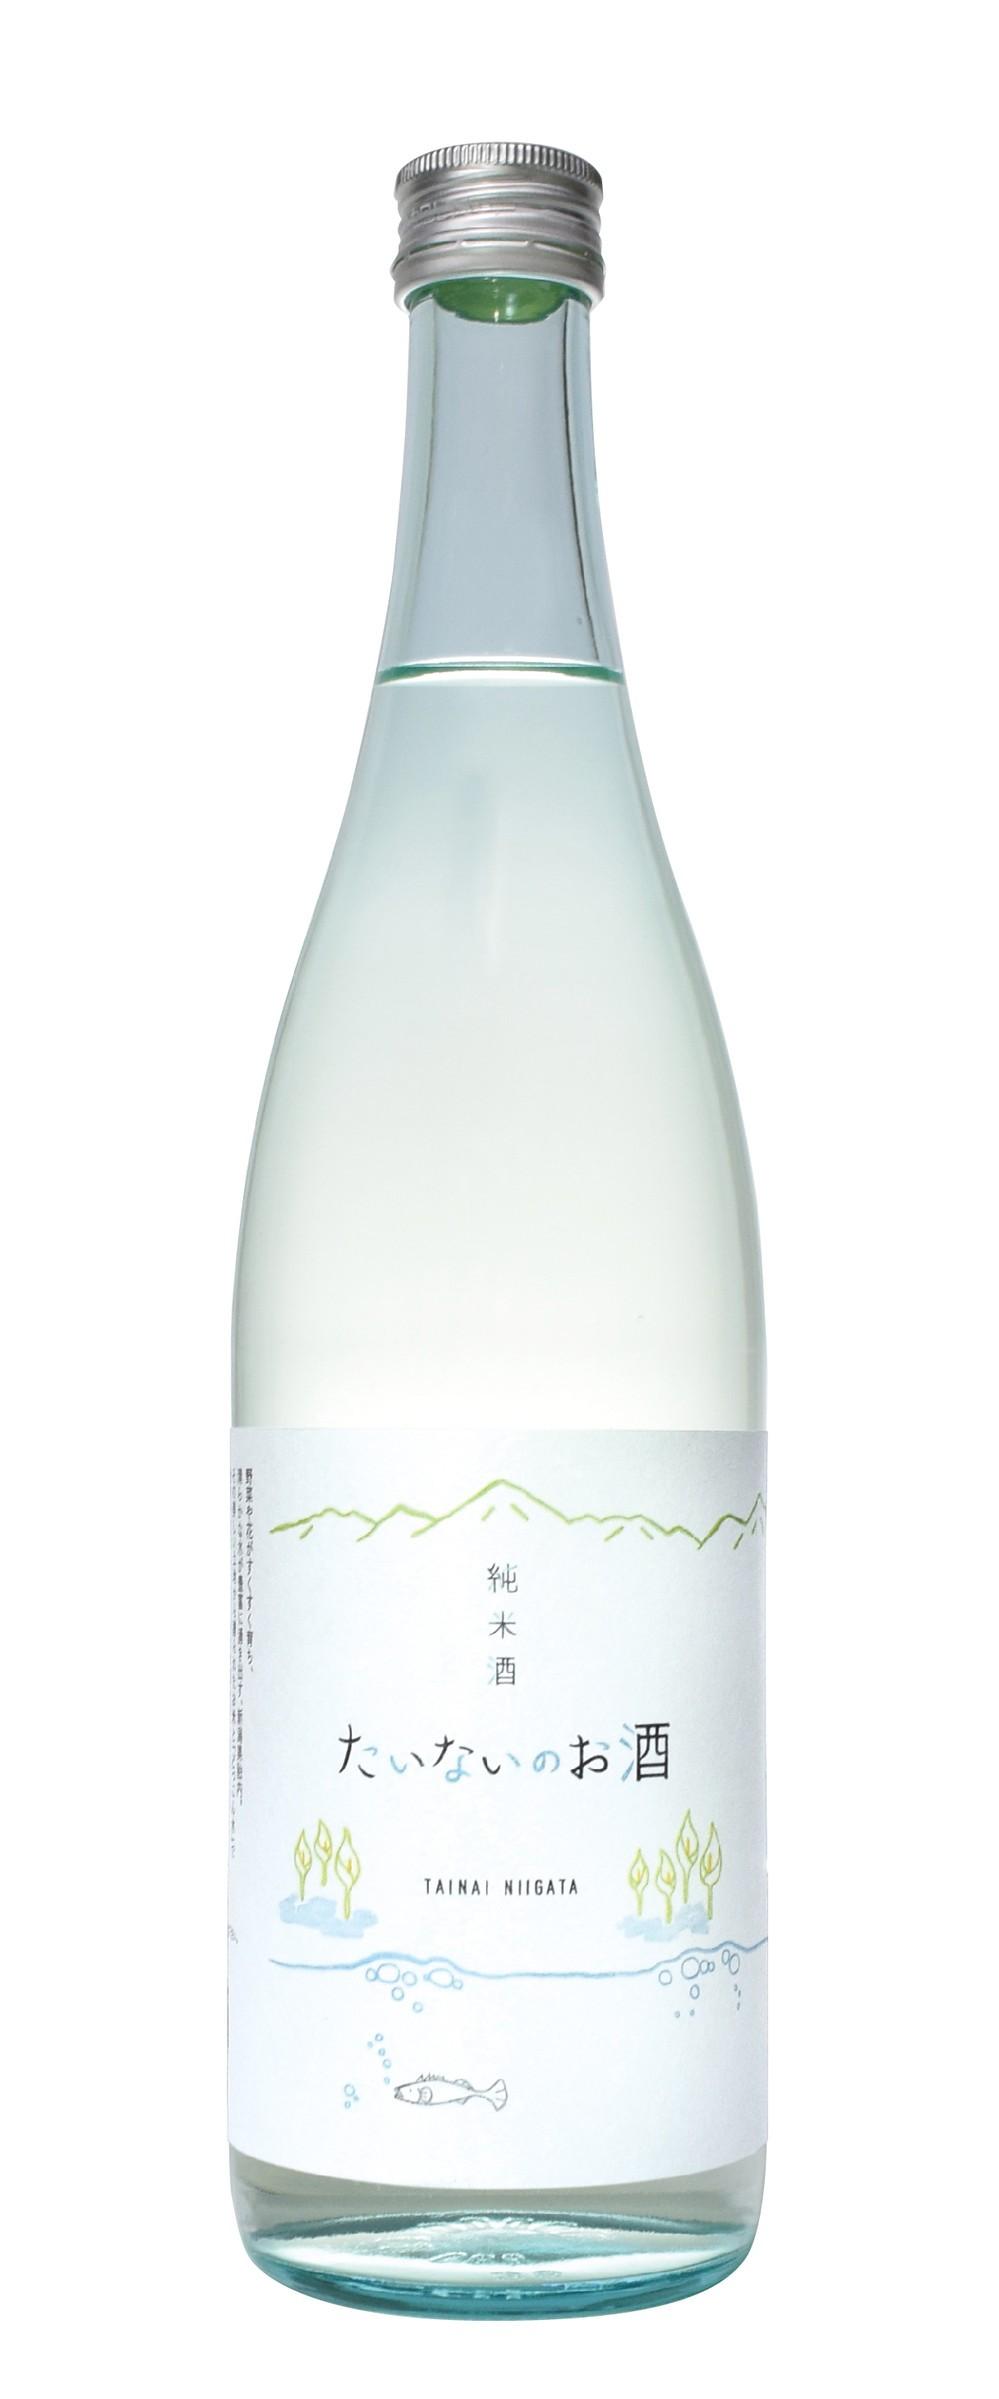 新潟県胎内産の水と米から作られた純米酒 「たいないのお酒」